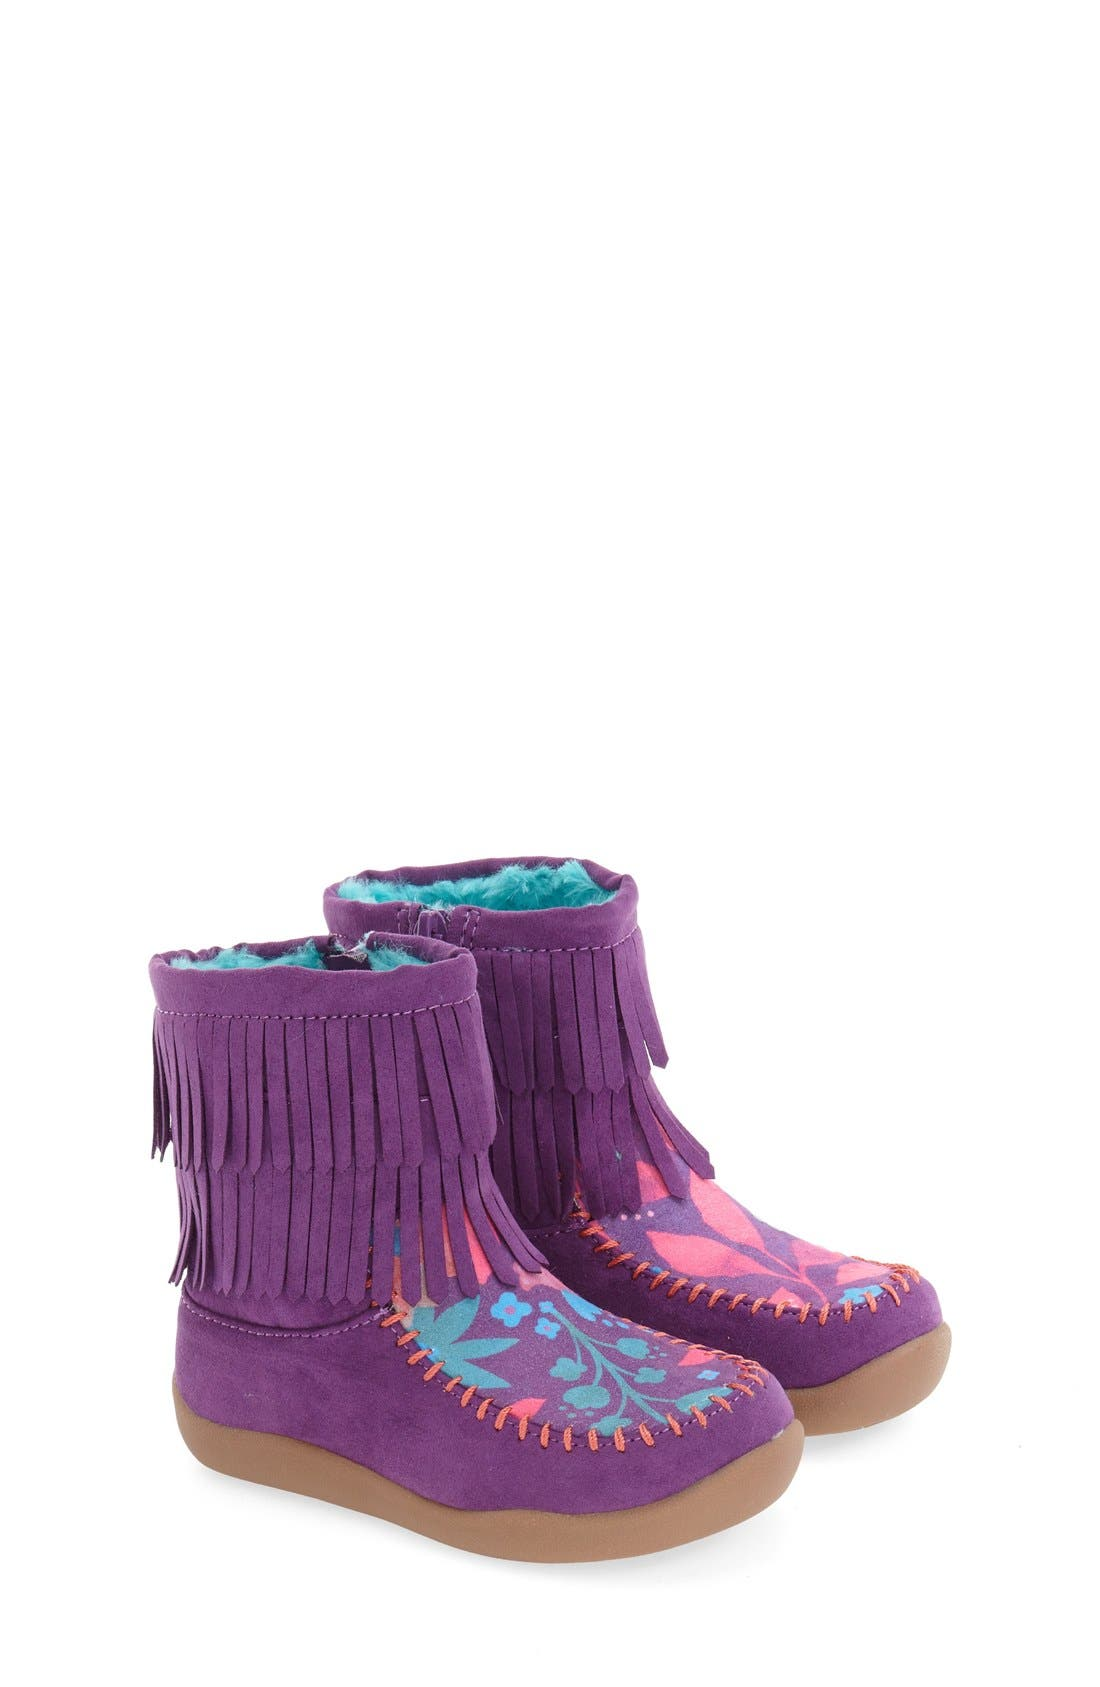 Fringe Bootie,                             Main thumbnail 1, color,                             Purple Faux Leather